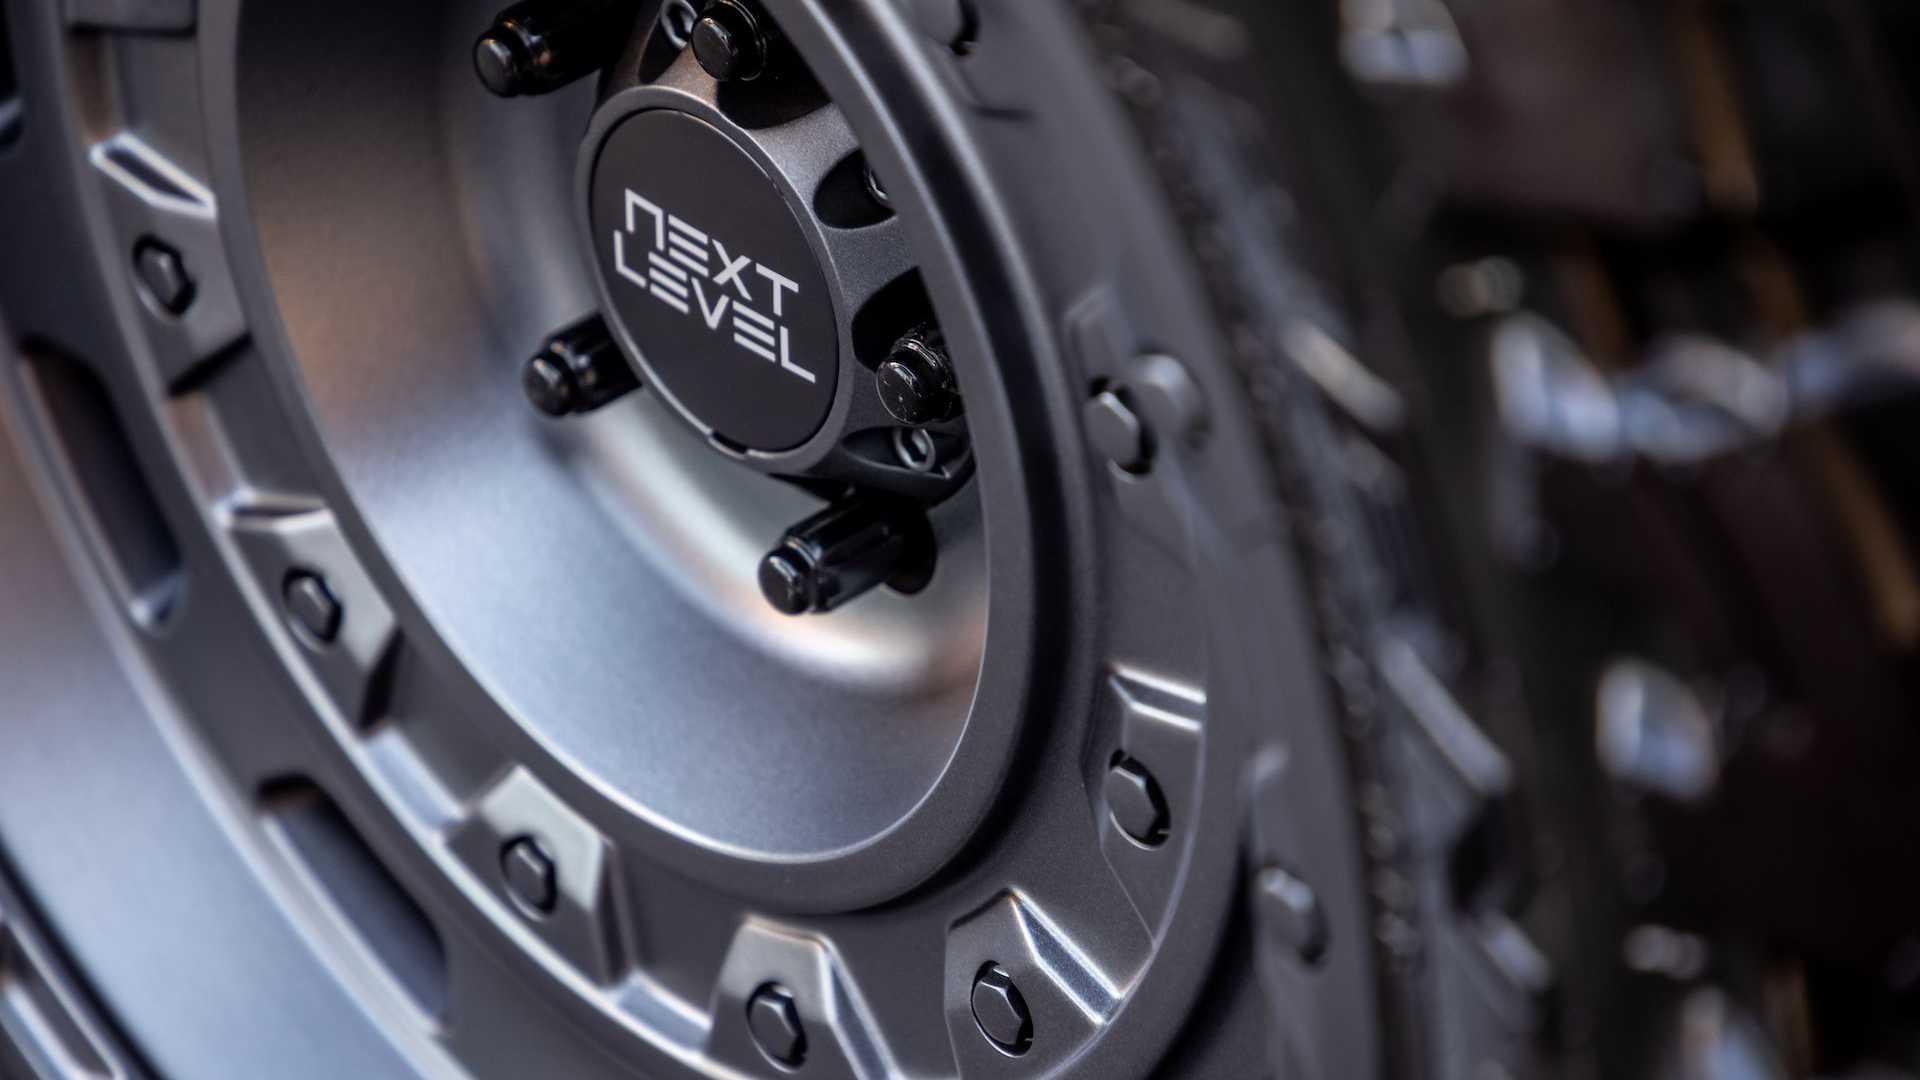 Jeep-Gladiator-6x6-by-Next-Level-35